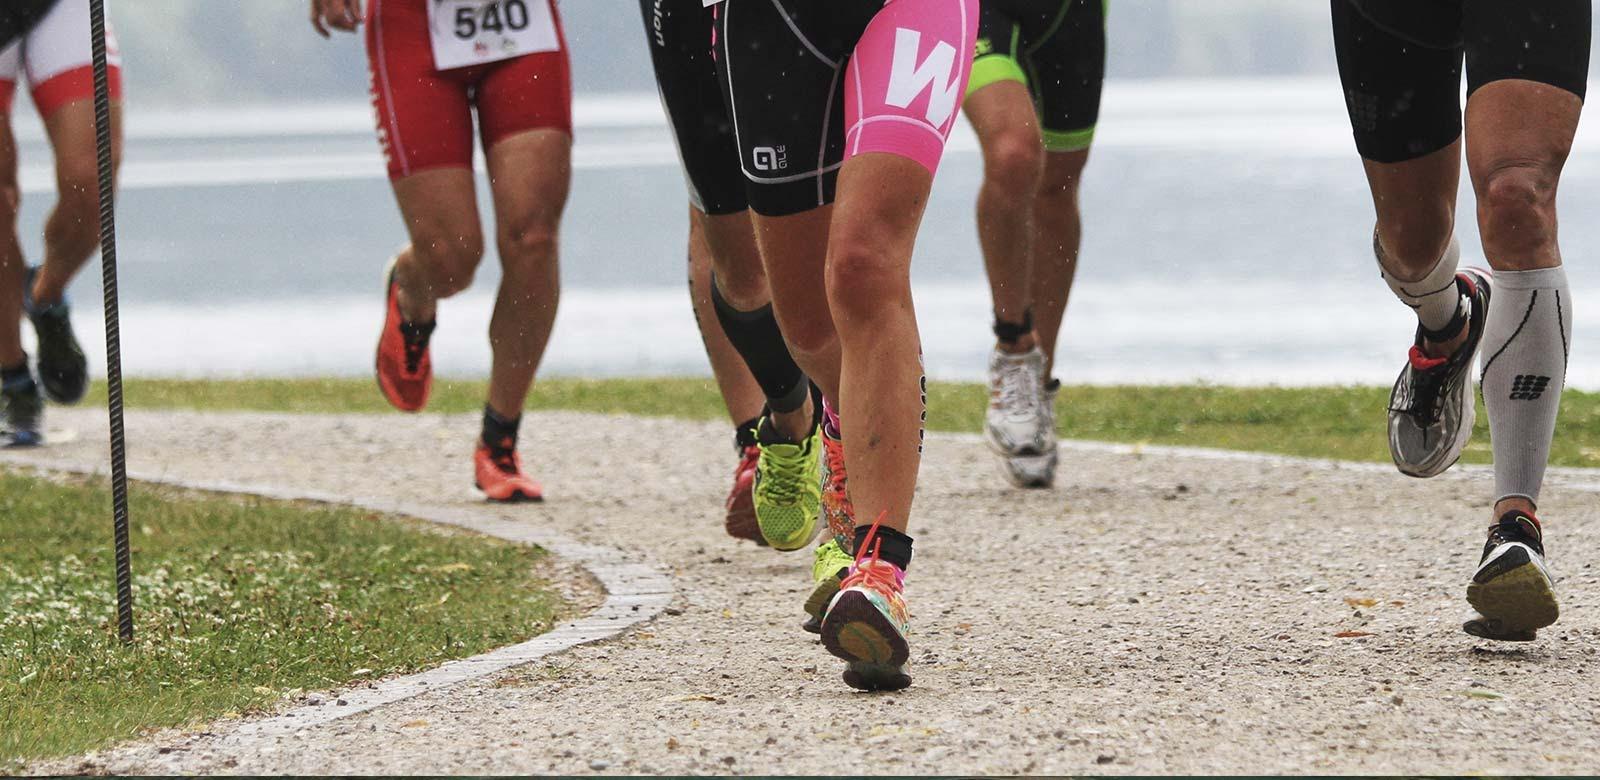 ledroman-2016-triathlon-valle-di-ledro-corsa.jpg